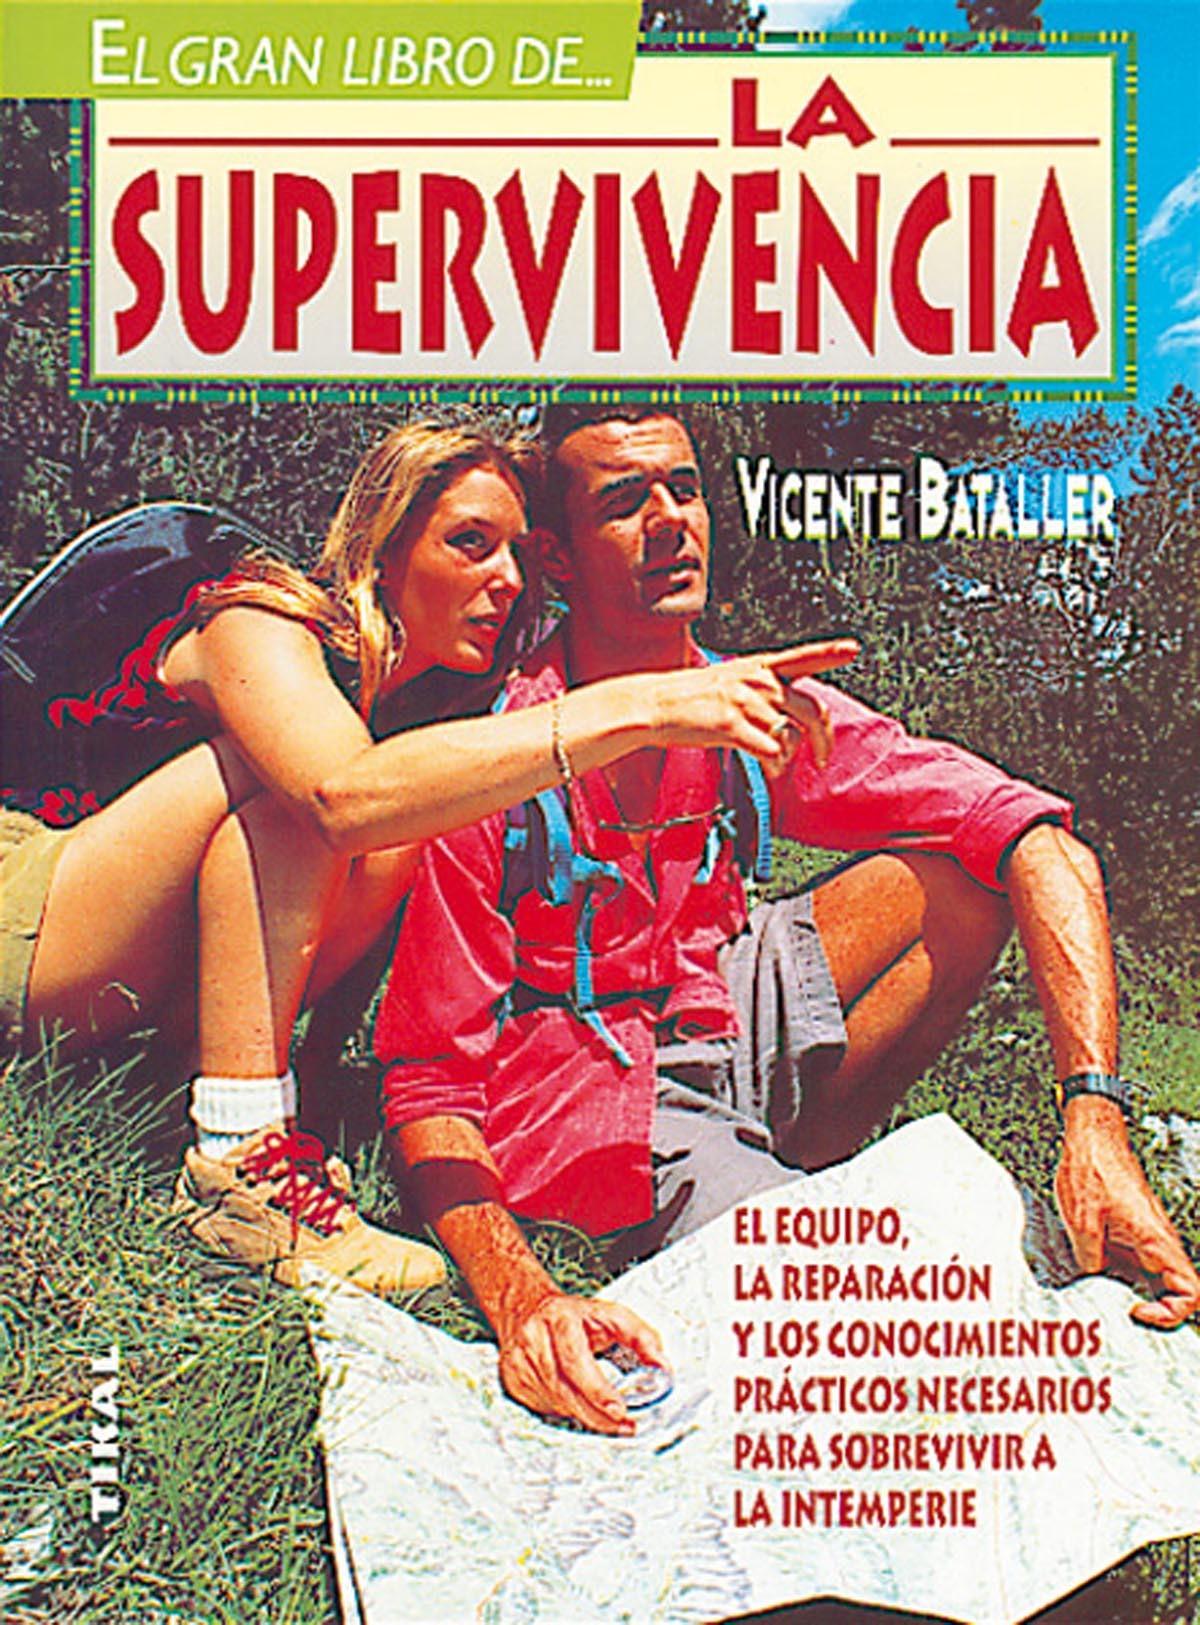 EL GRAN LIBRO DE LA SUPERVIVENCIA EL EQUIPO, LA REPARACION...